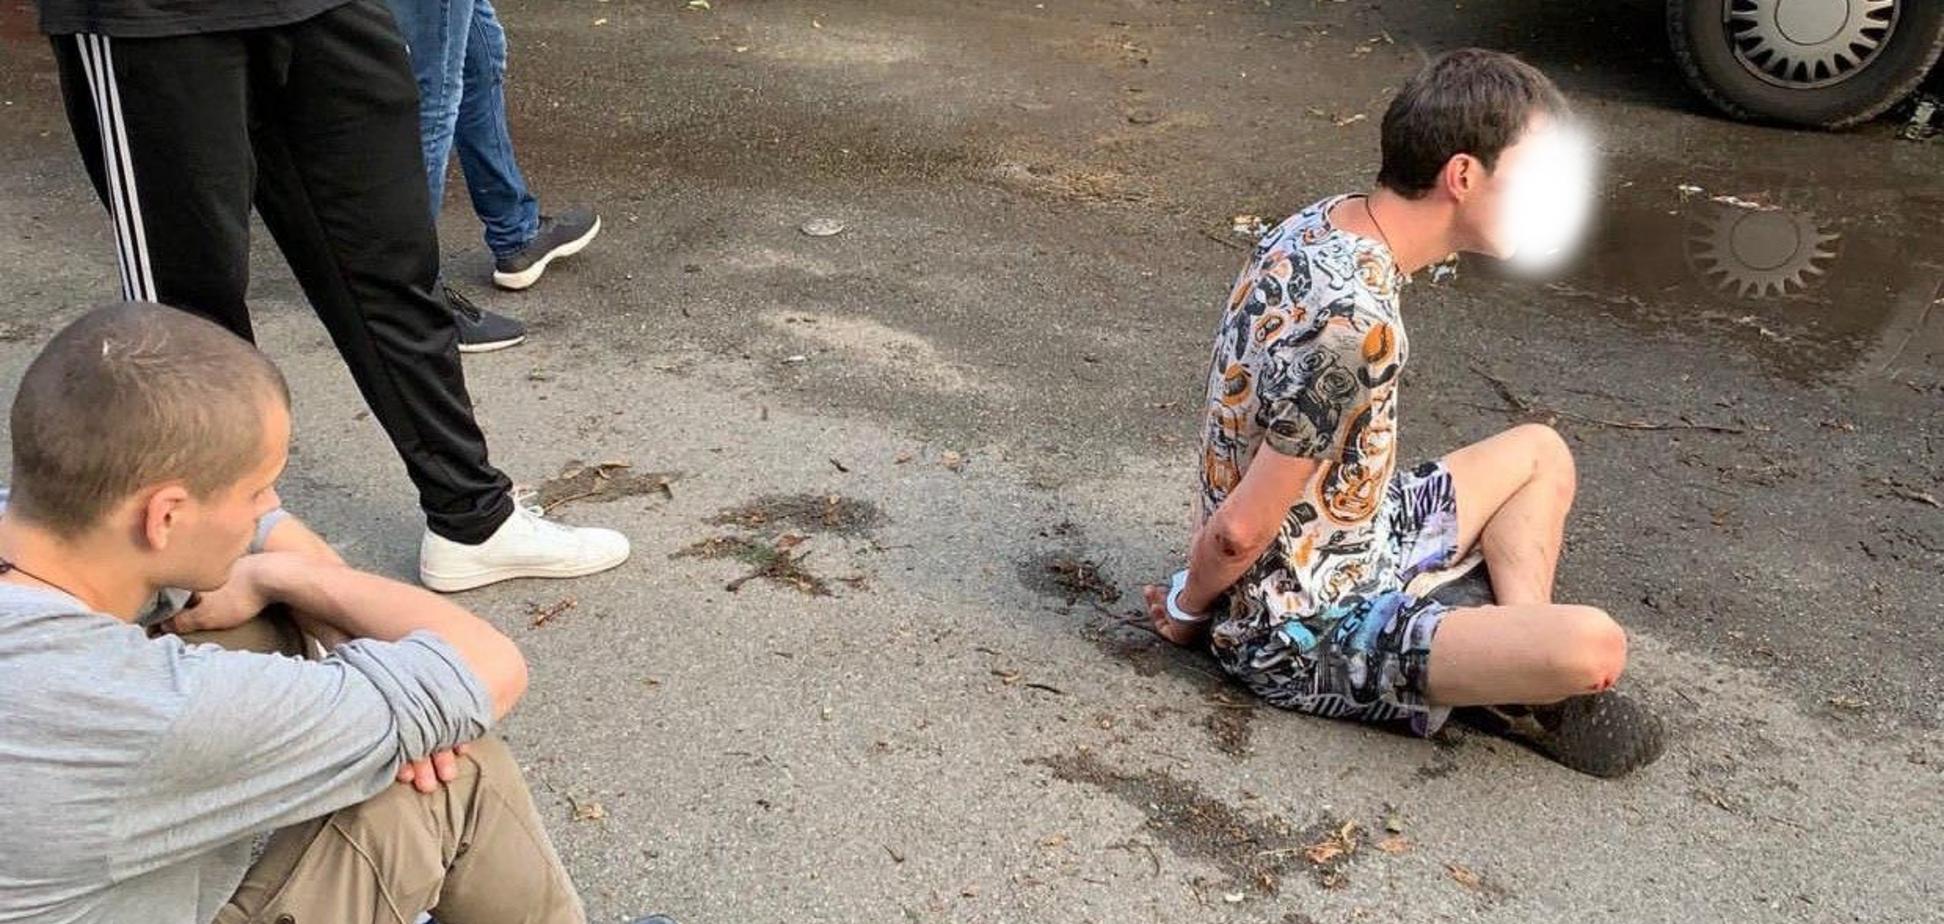 Хотел изнасиловать: в общежитии КПИ с ножом напали на девушку